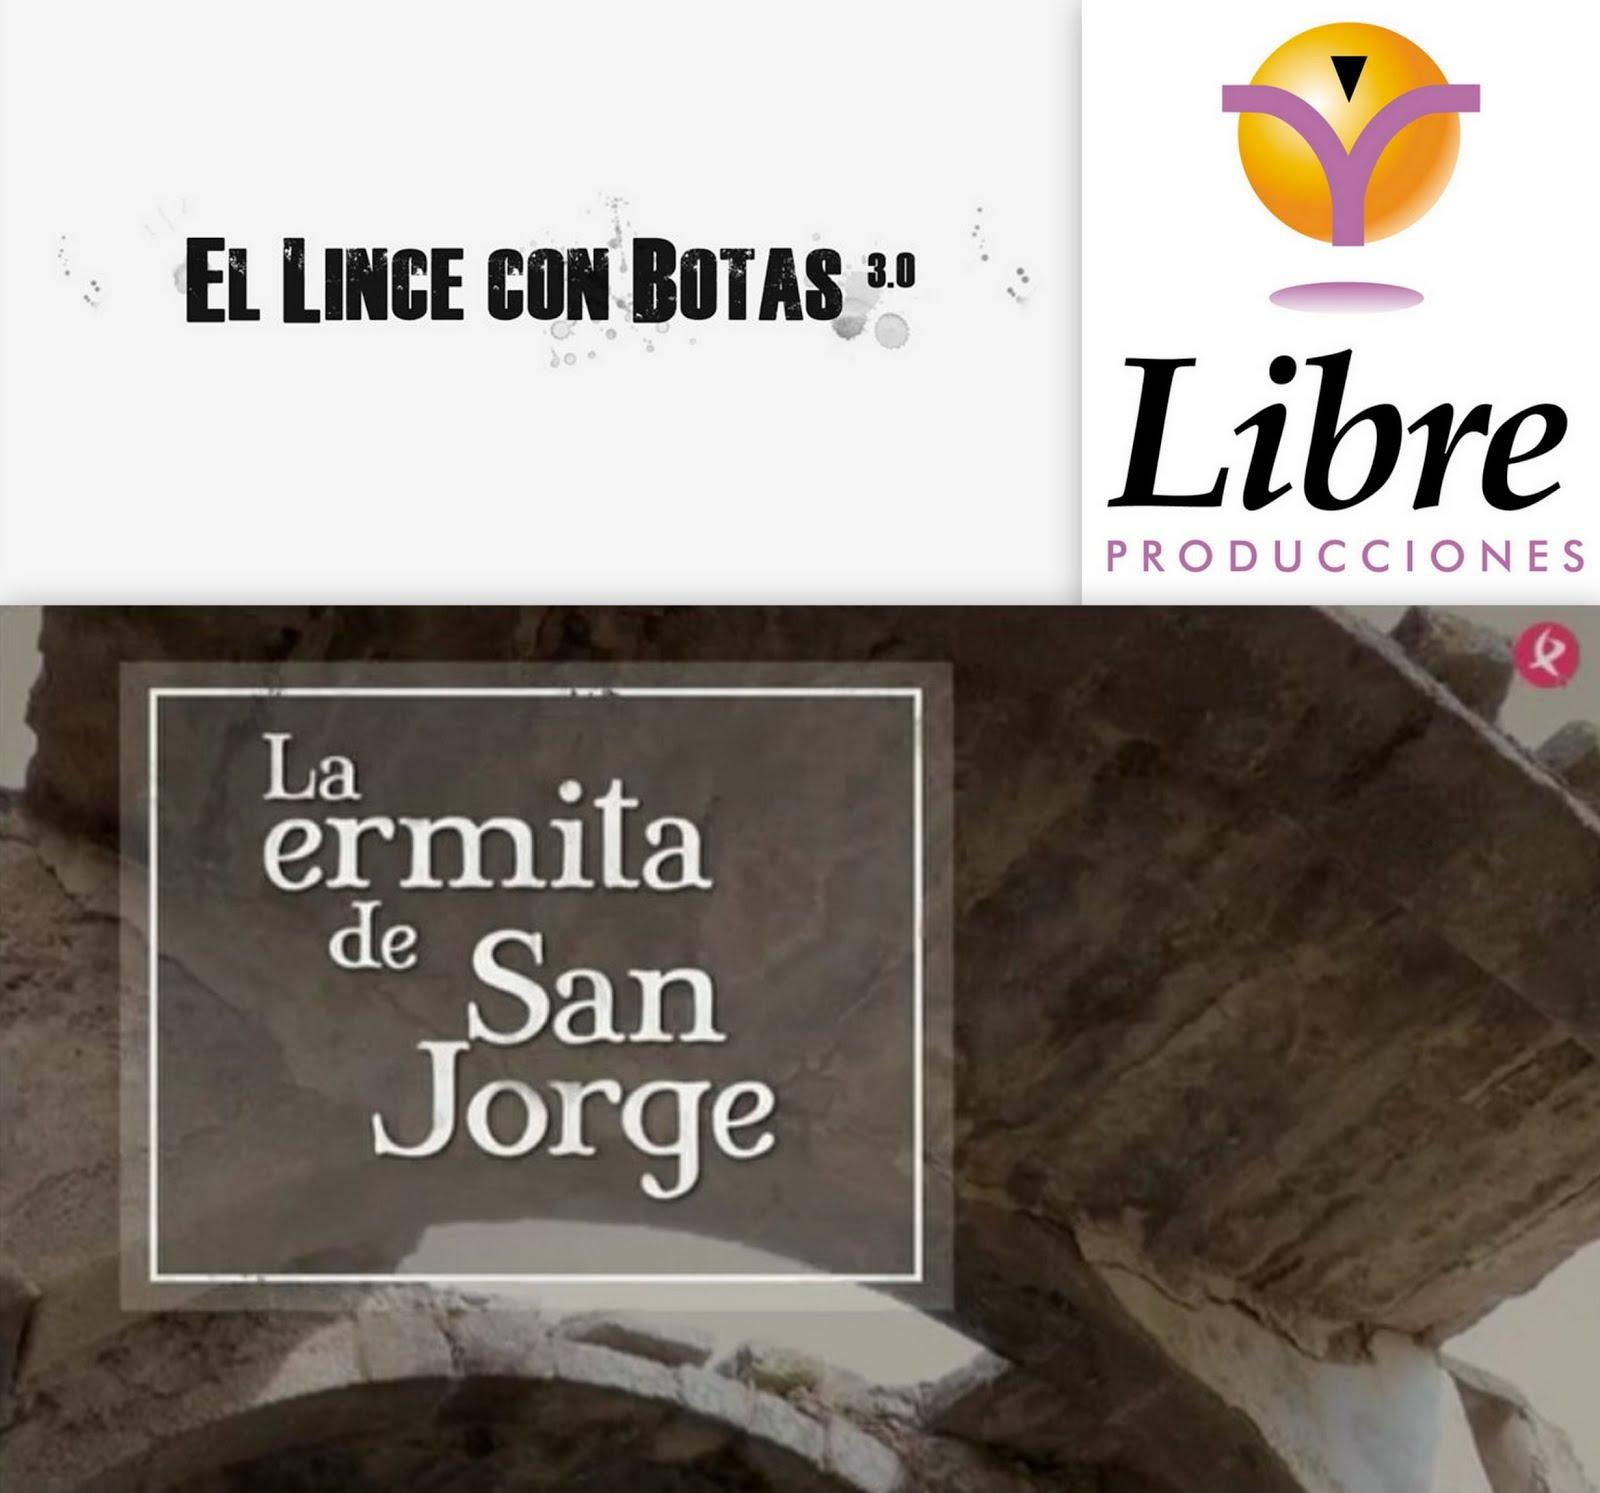 El lince con botas 3.0: La ermita de San Jorge (Cáceres)